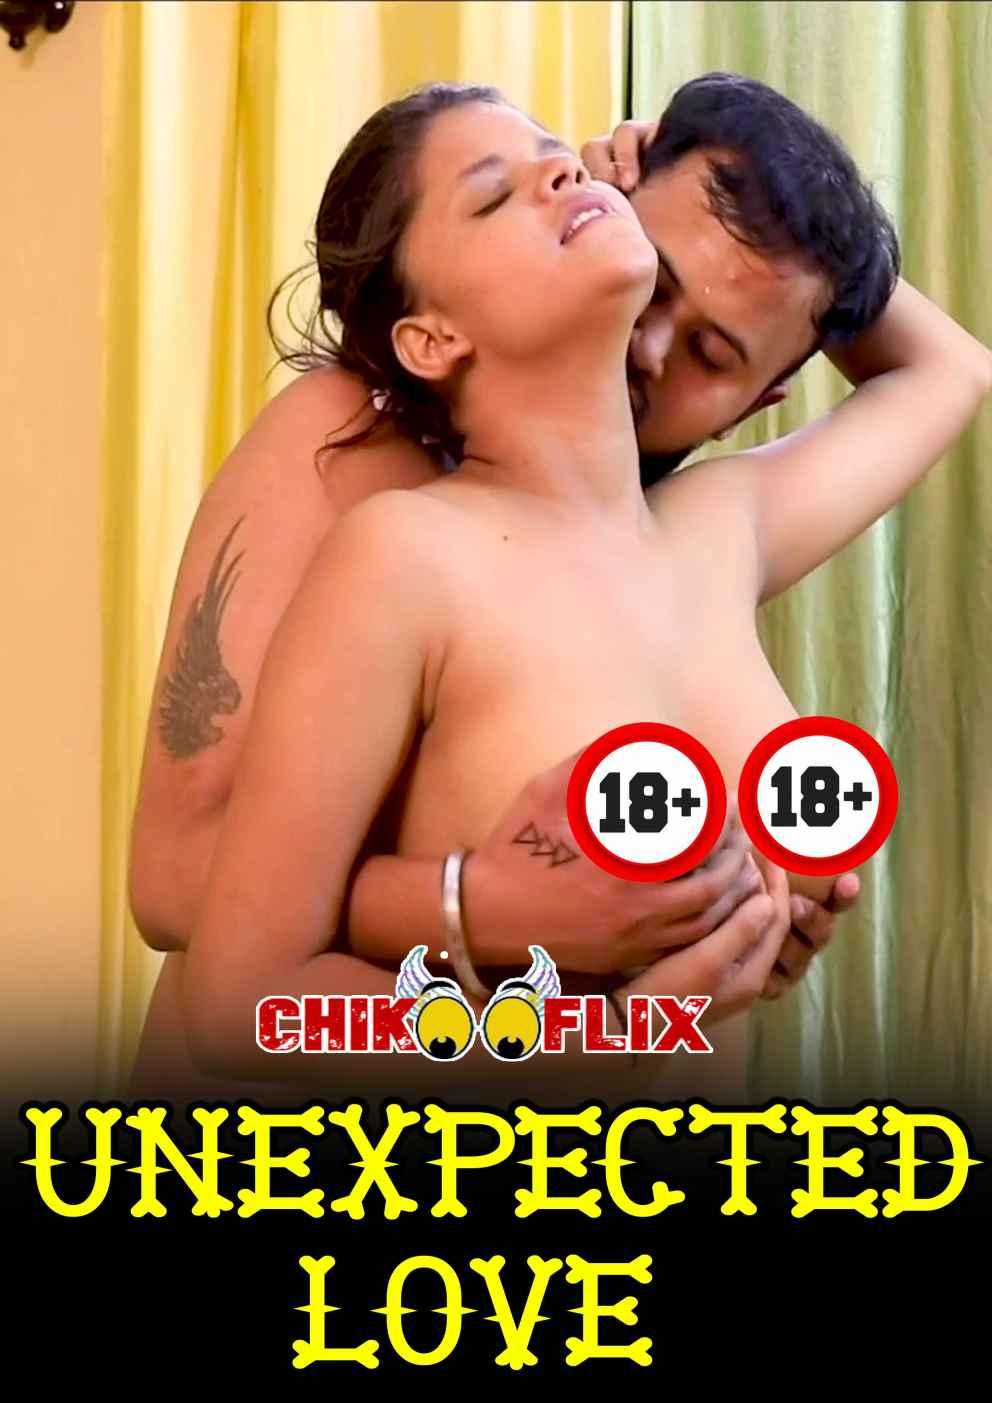 18+ Unexpected Love Chikooflix Erotic Short Film Watch Online